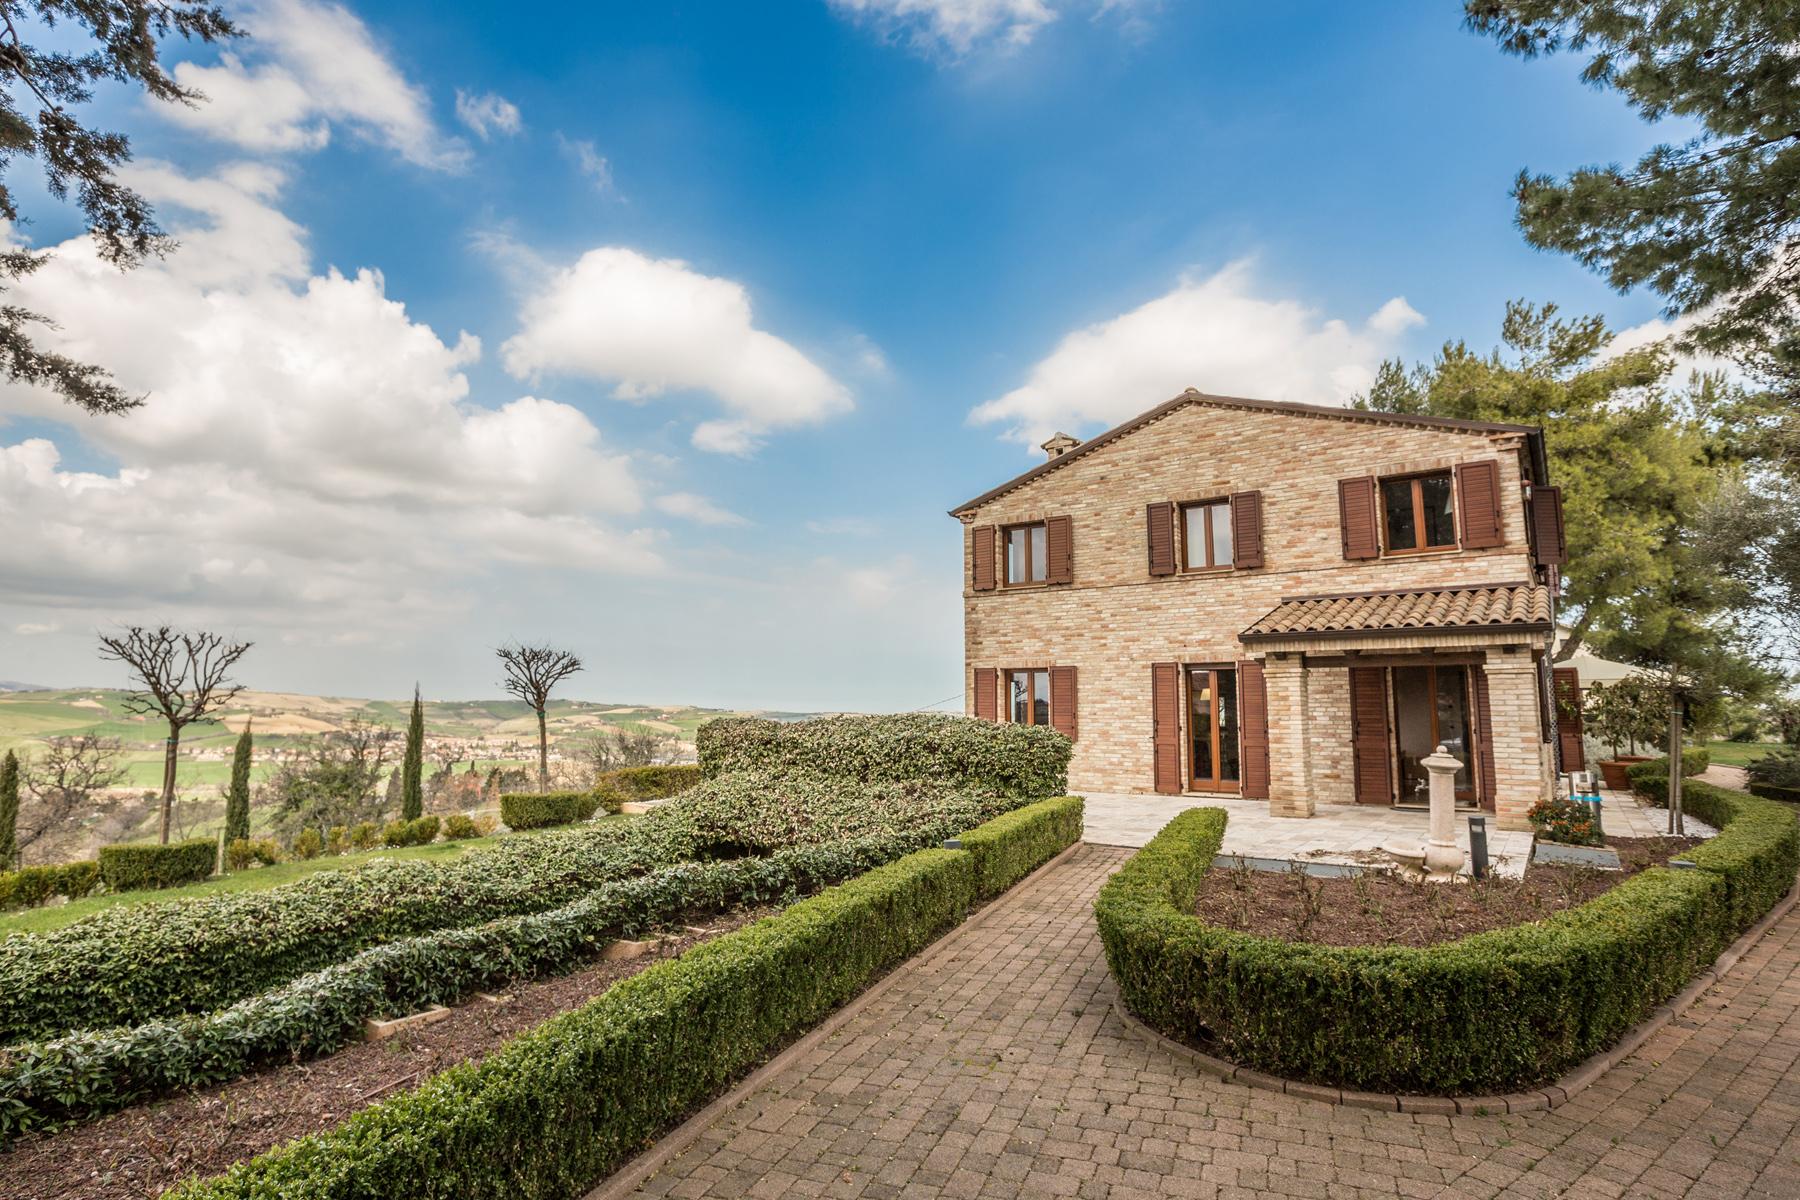 Villa in Vendita a Corinaldo via cesi